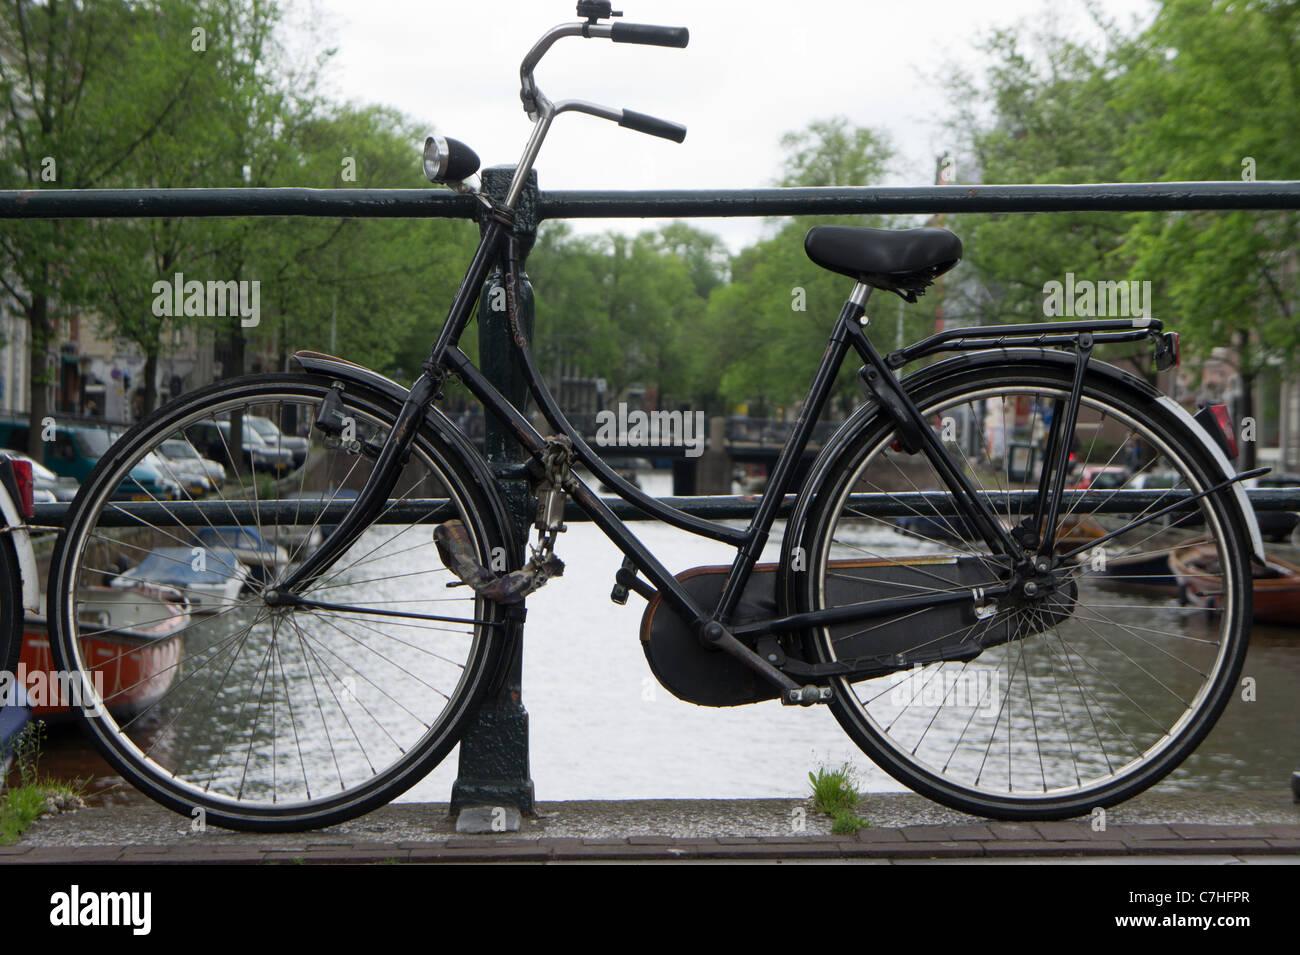 Vieux vélo enchaînés au pont sur un canal à Amsterdam, Hollande Banque D'Images